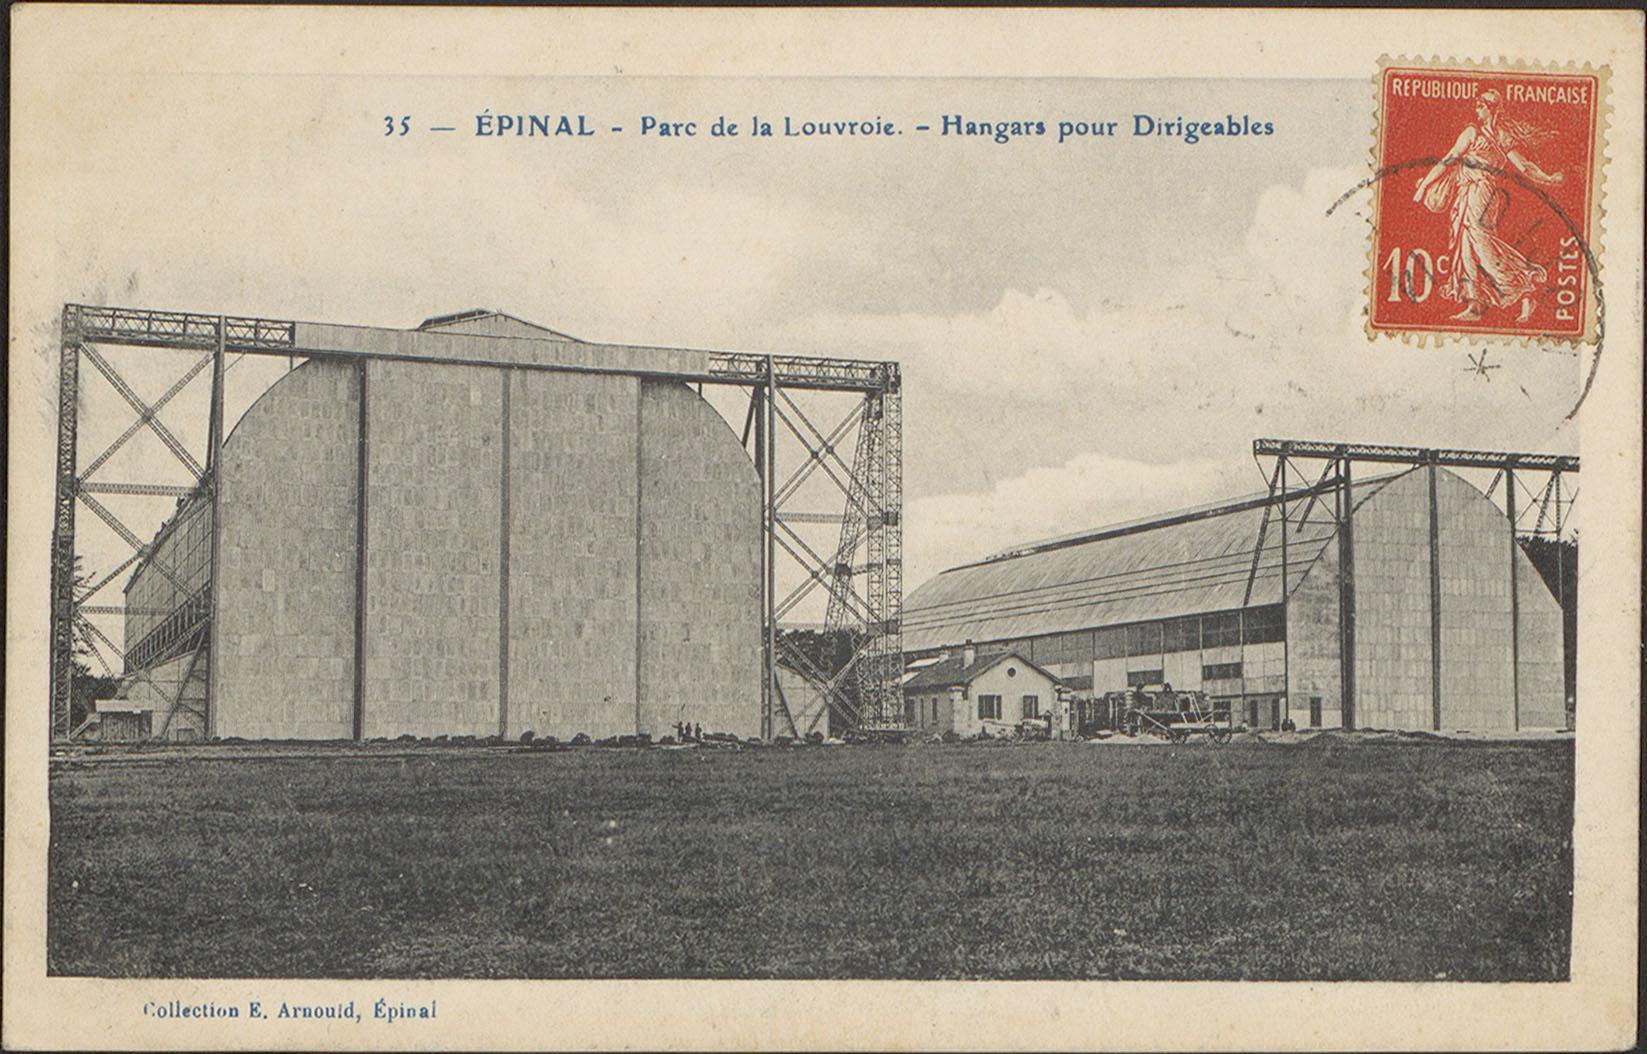 Contenu du Épinal, Parc de la Louvroie, Hangars pour Dirigeables